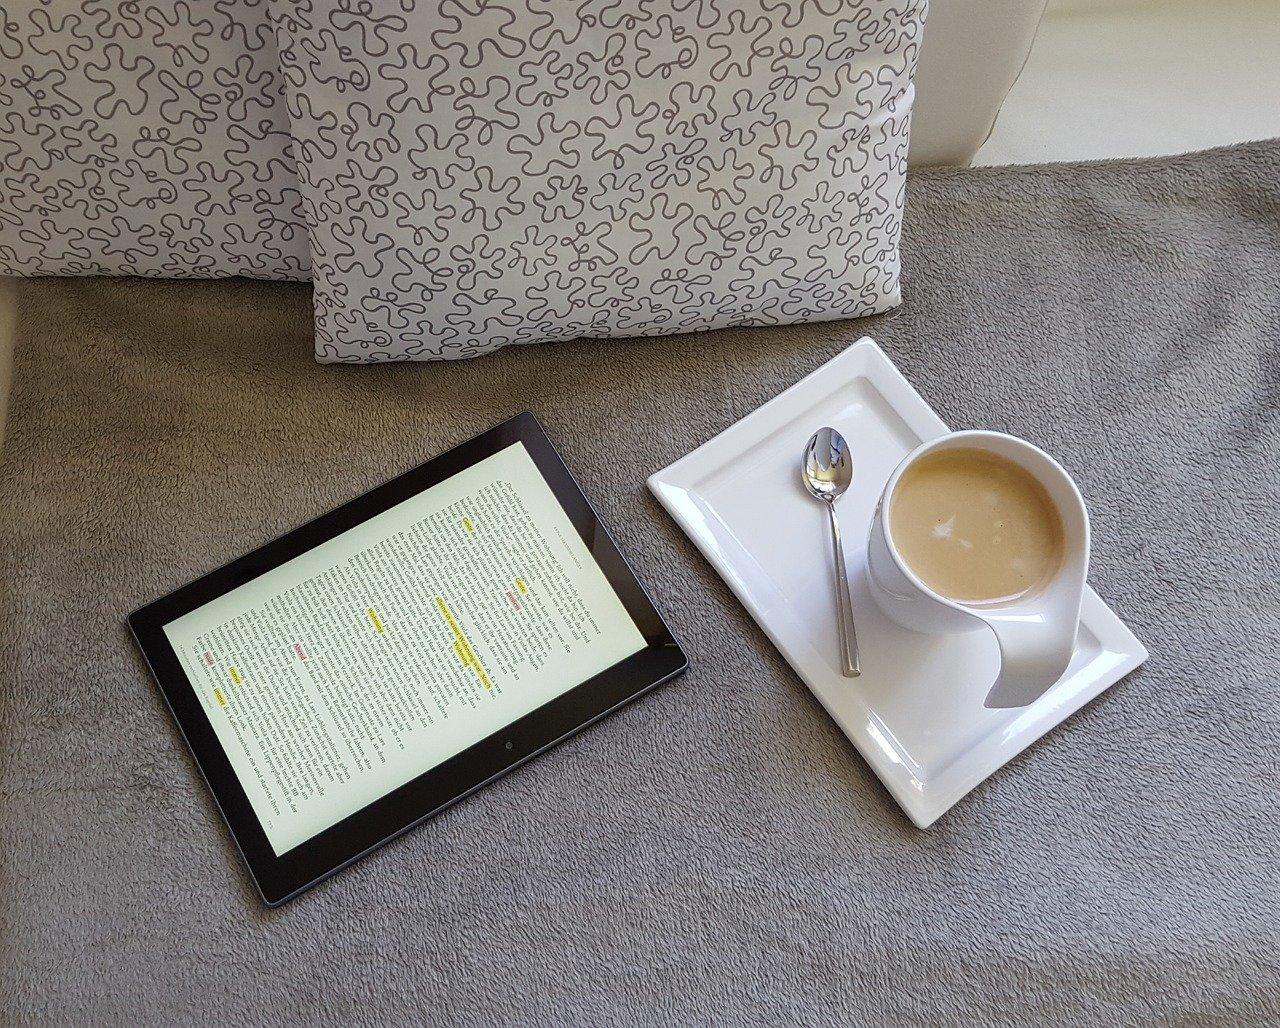 อ่านหนังสือก่อนนอน 2020 ผ่านจอ Tablet Smartphone